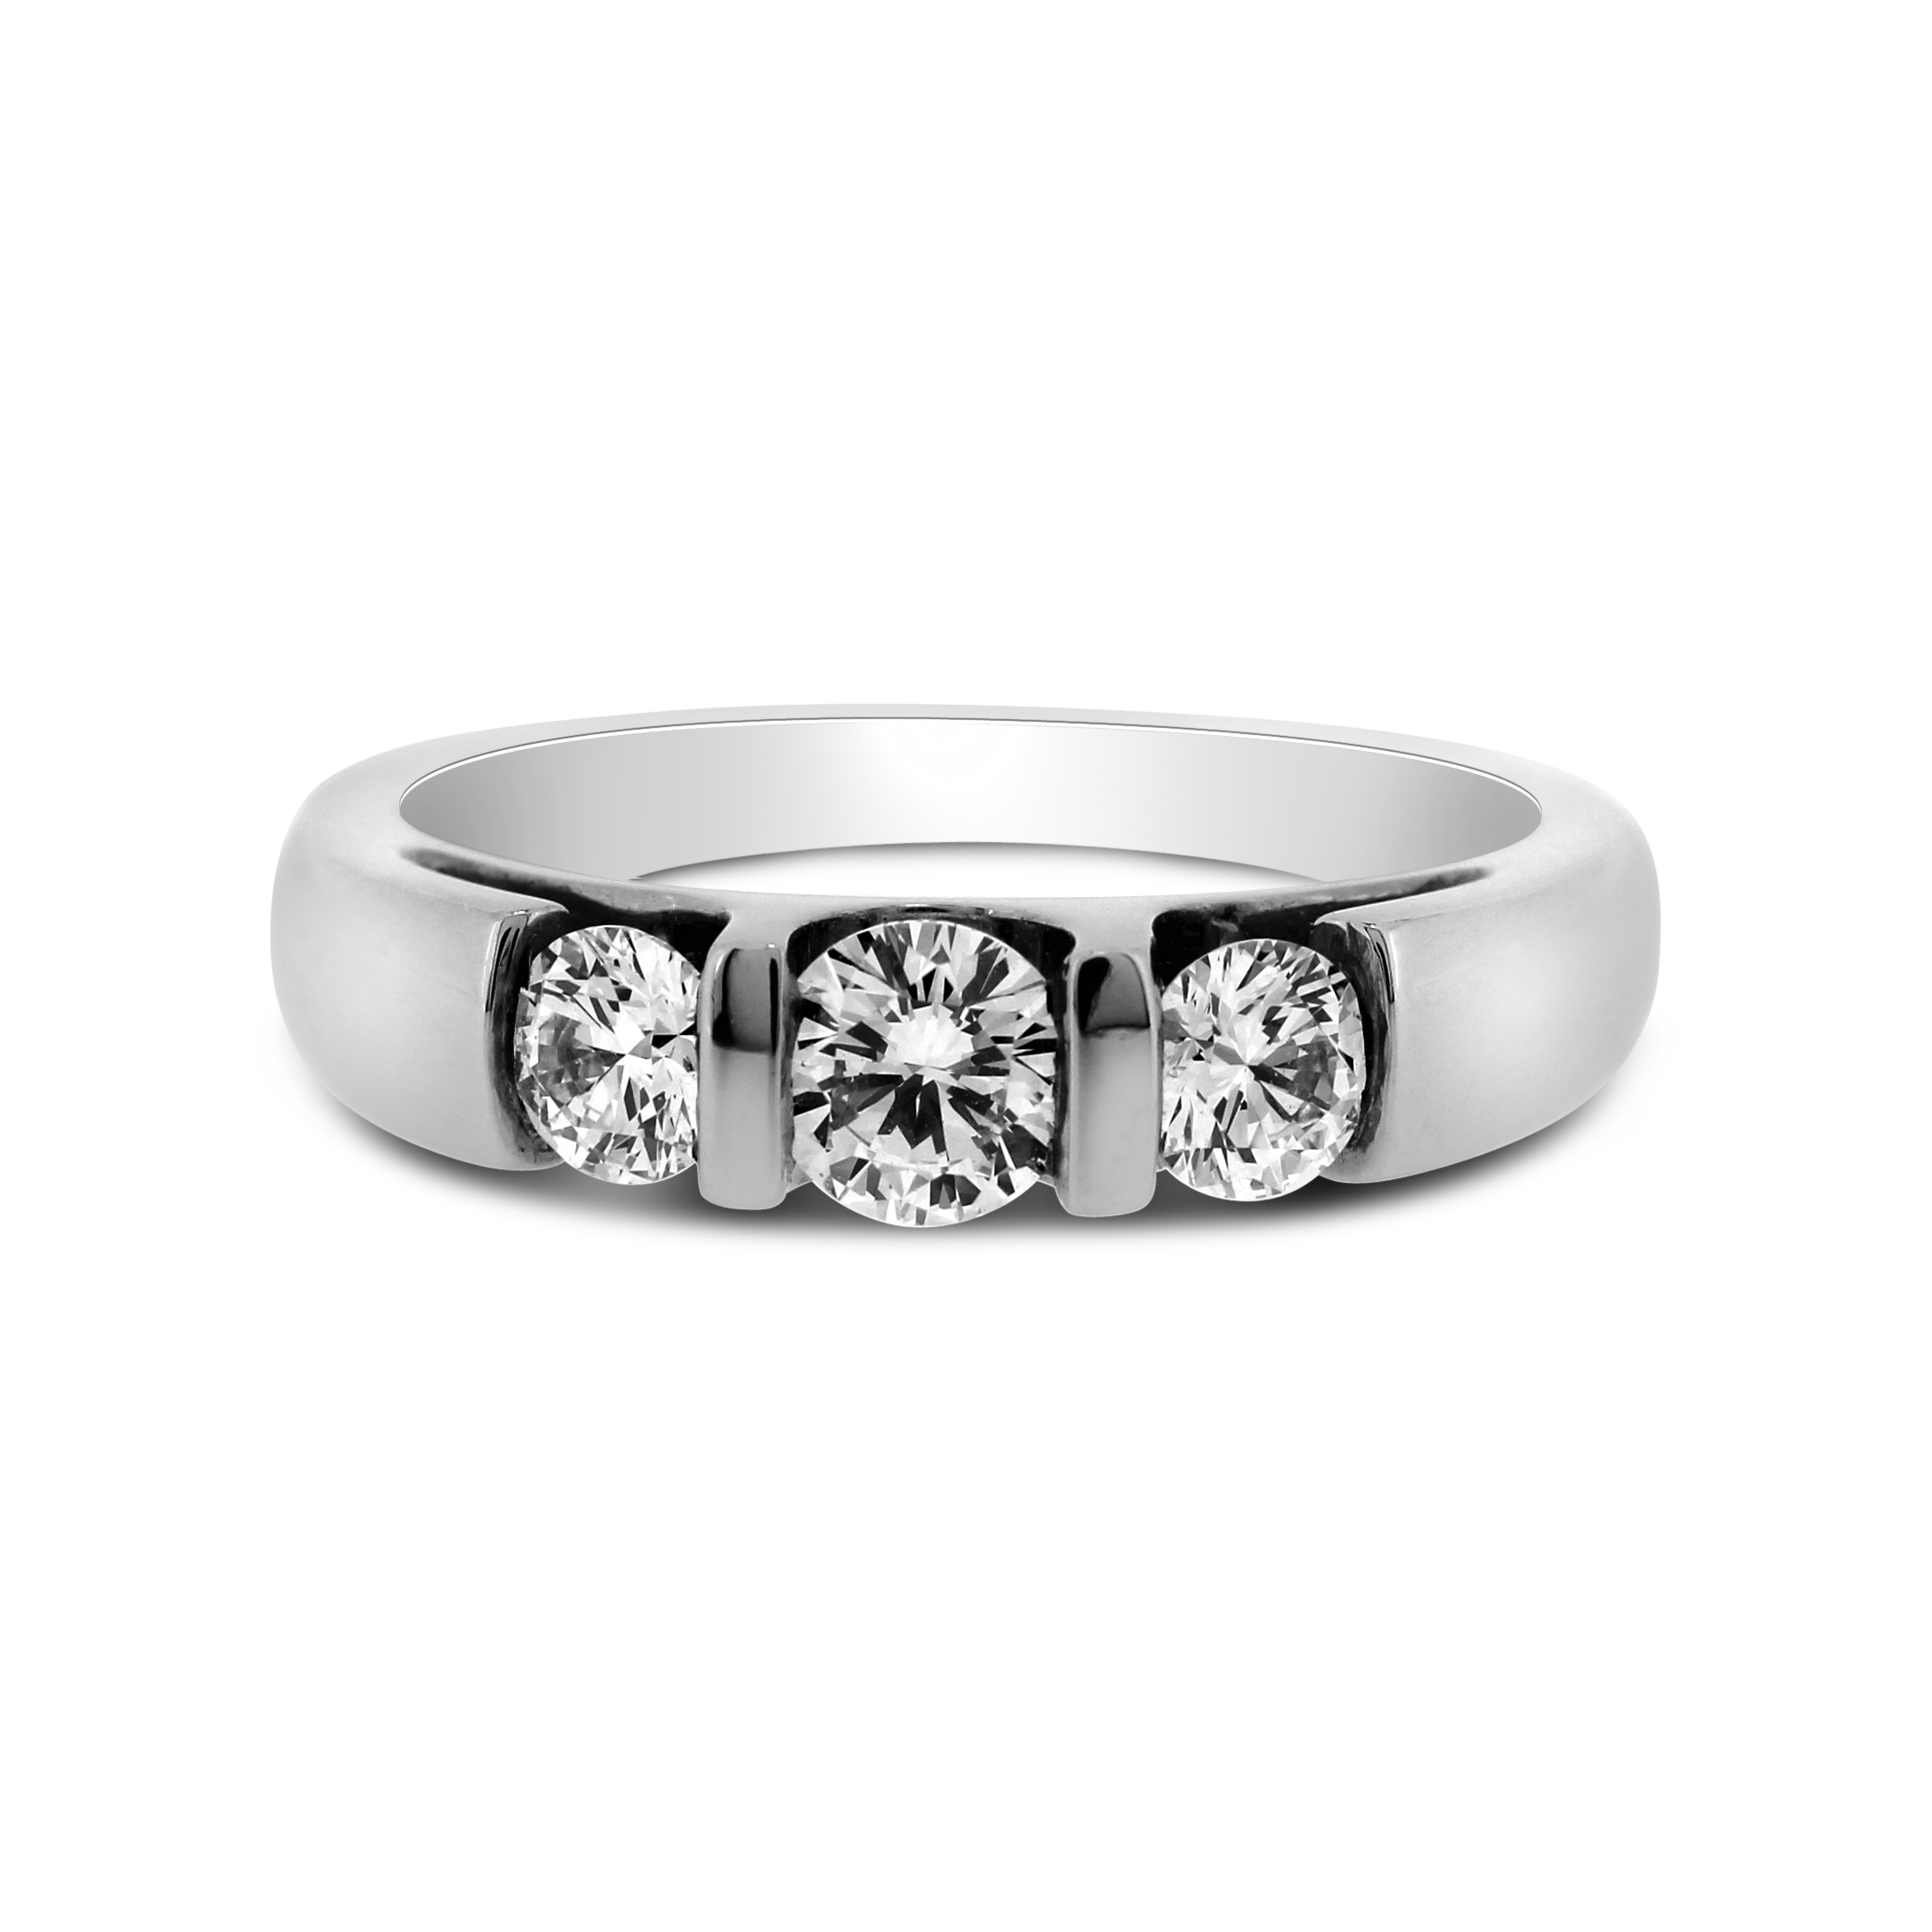 Illusion Set Round Brilliant Diamond And Platinum Ring 0